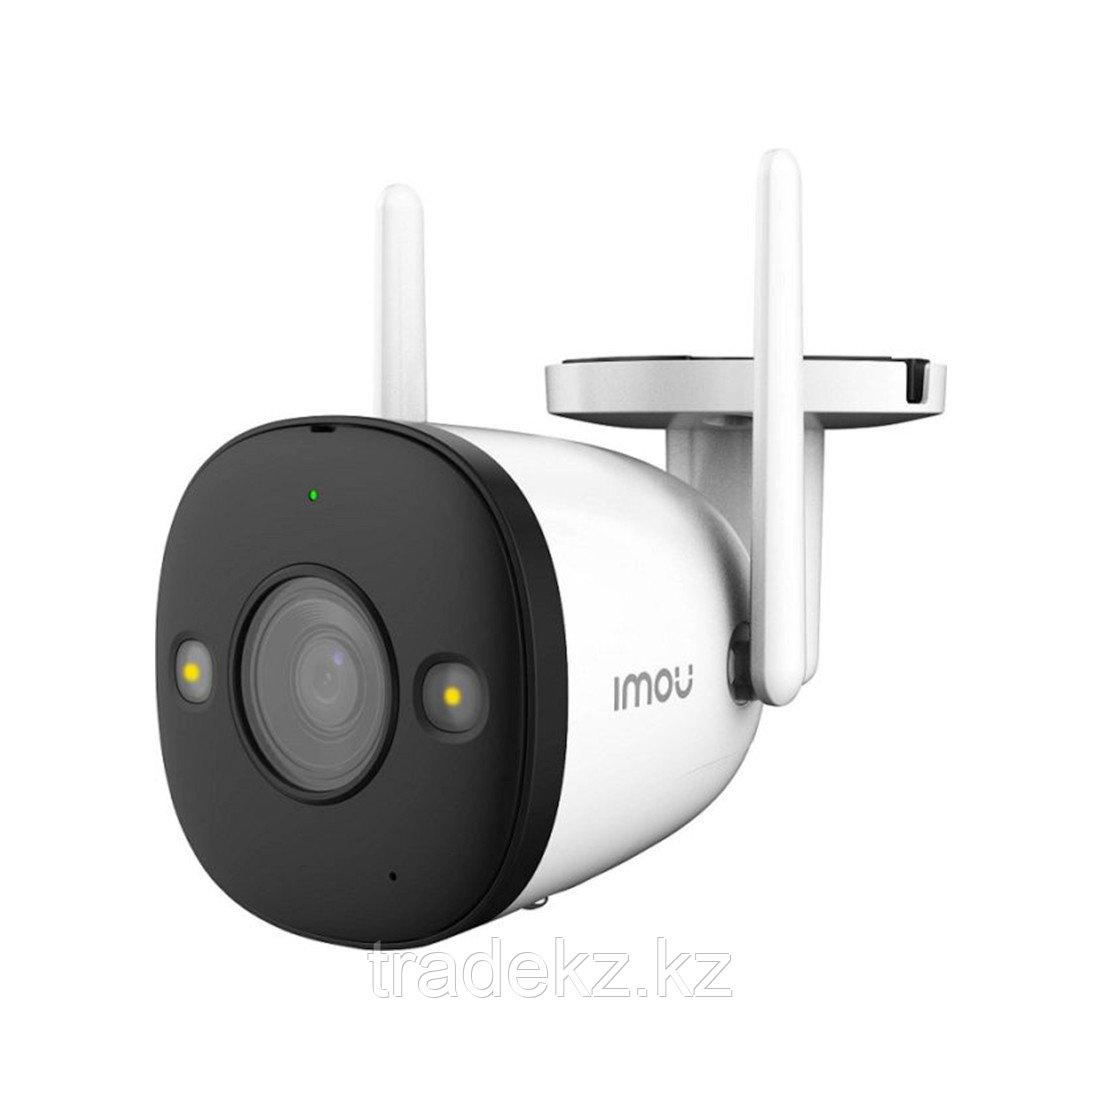 Интернет-камера, Wi-Fi видеокамера Imou Bullet 2E-0280B